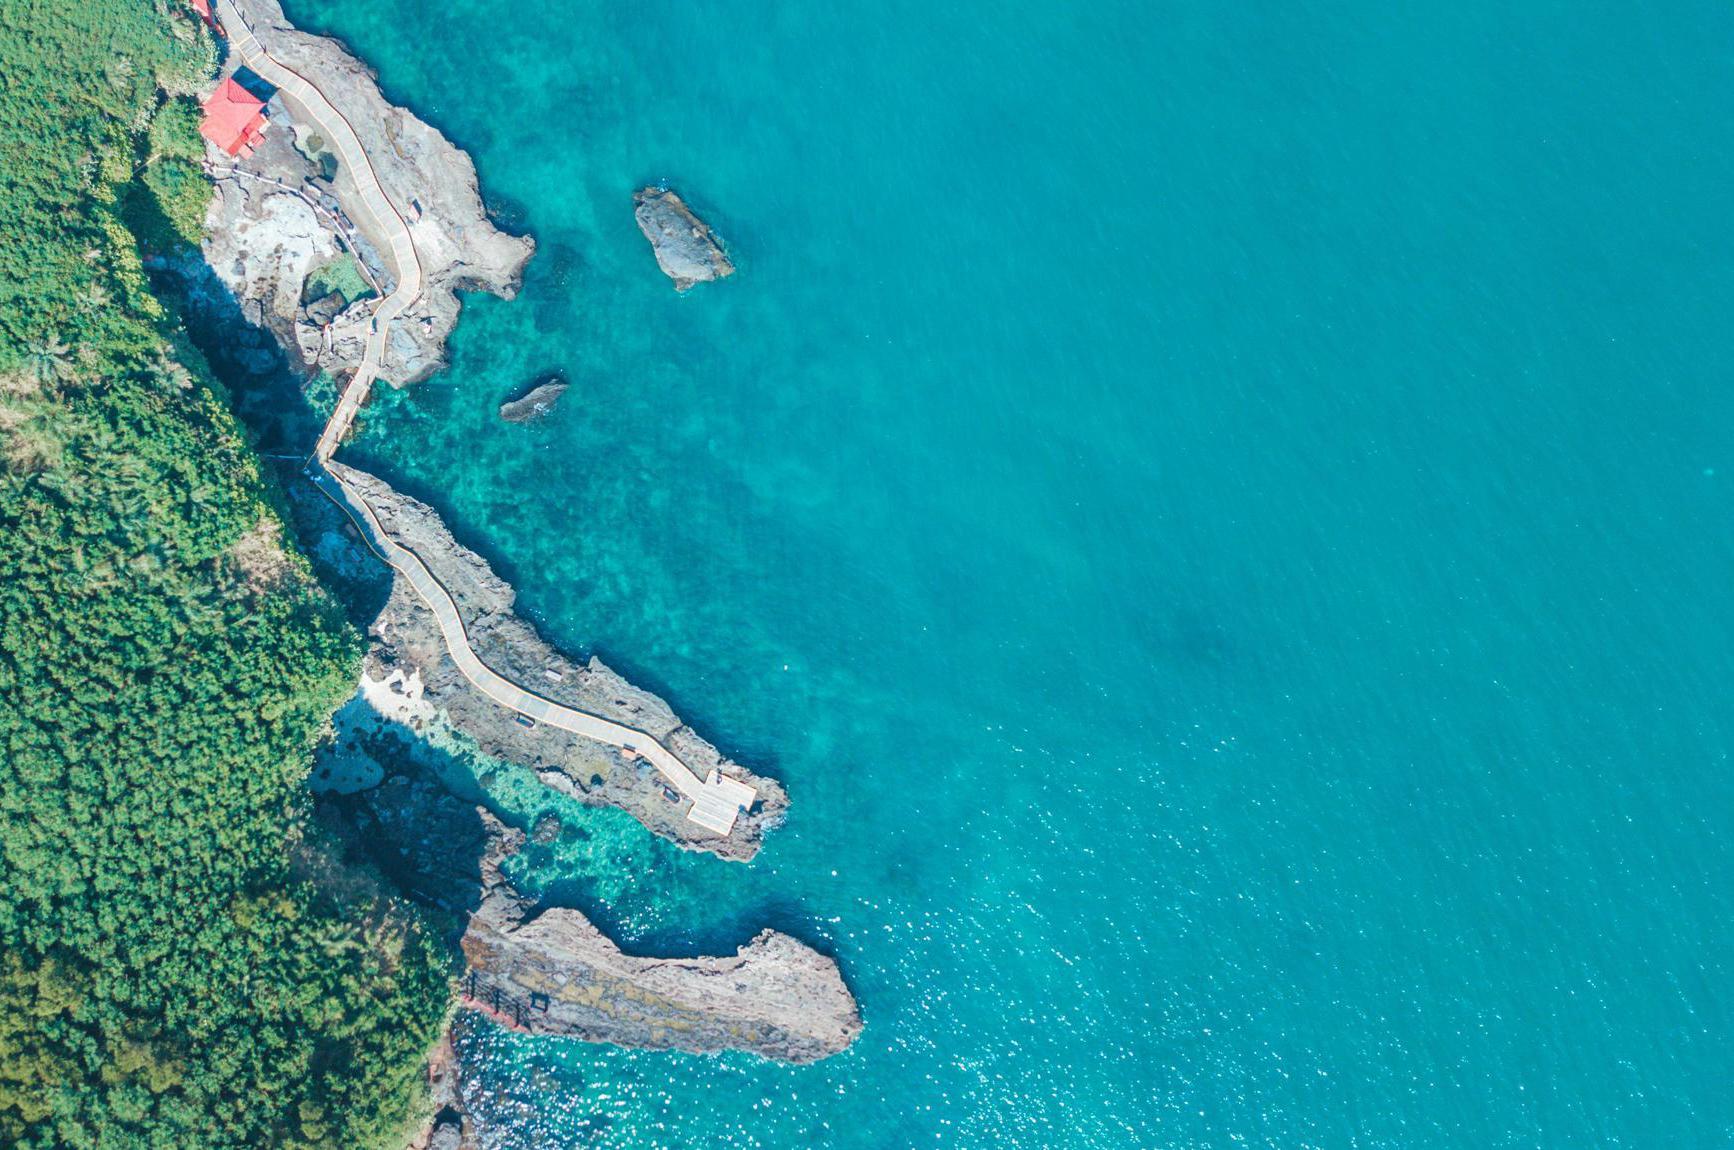 在200多万年间里,水火不相容的涠洲岛成了大海中央的世外桃源